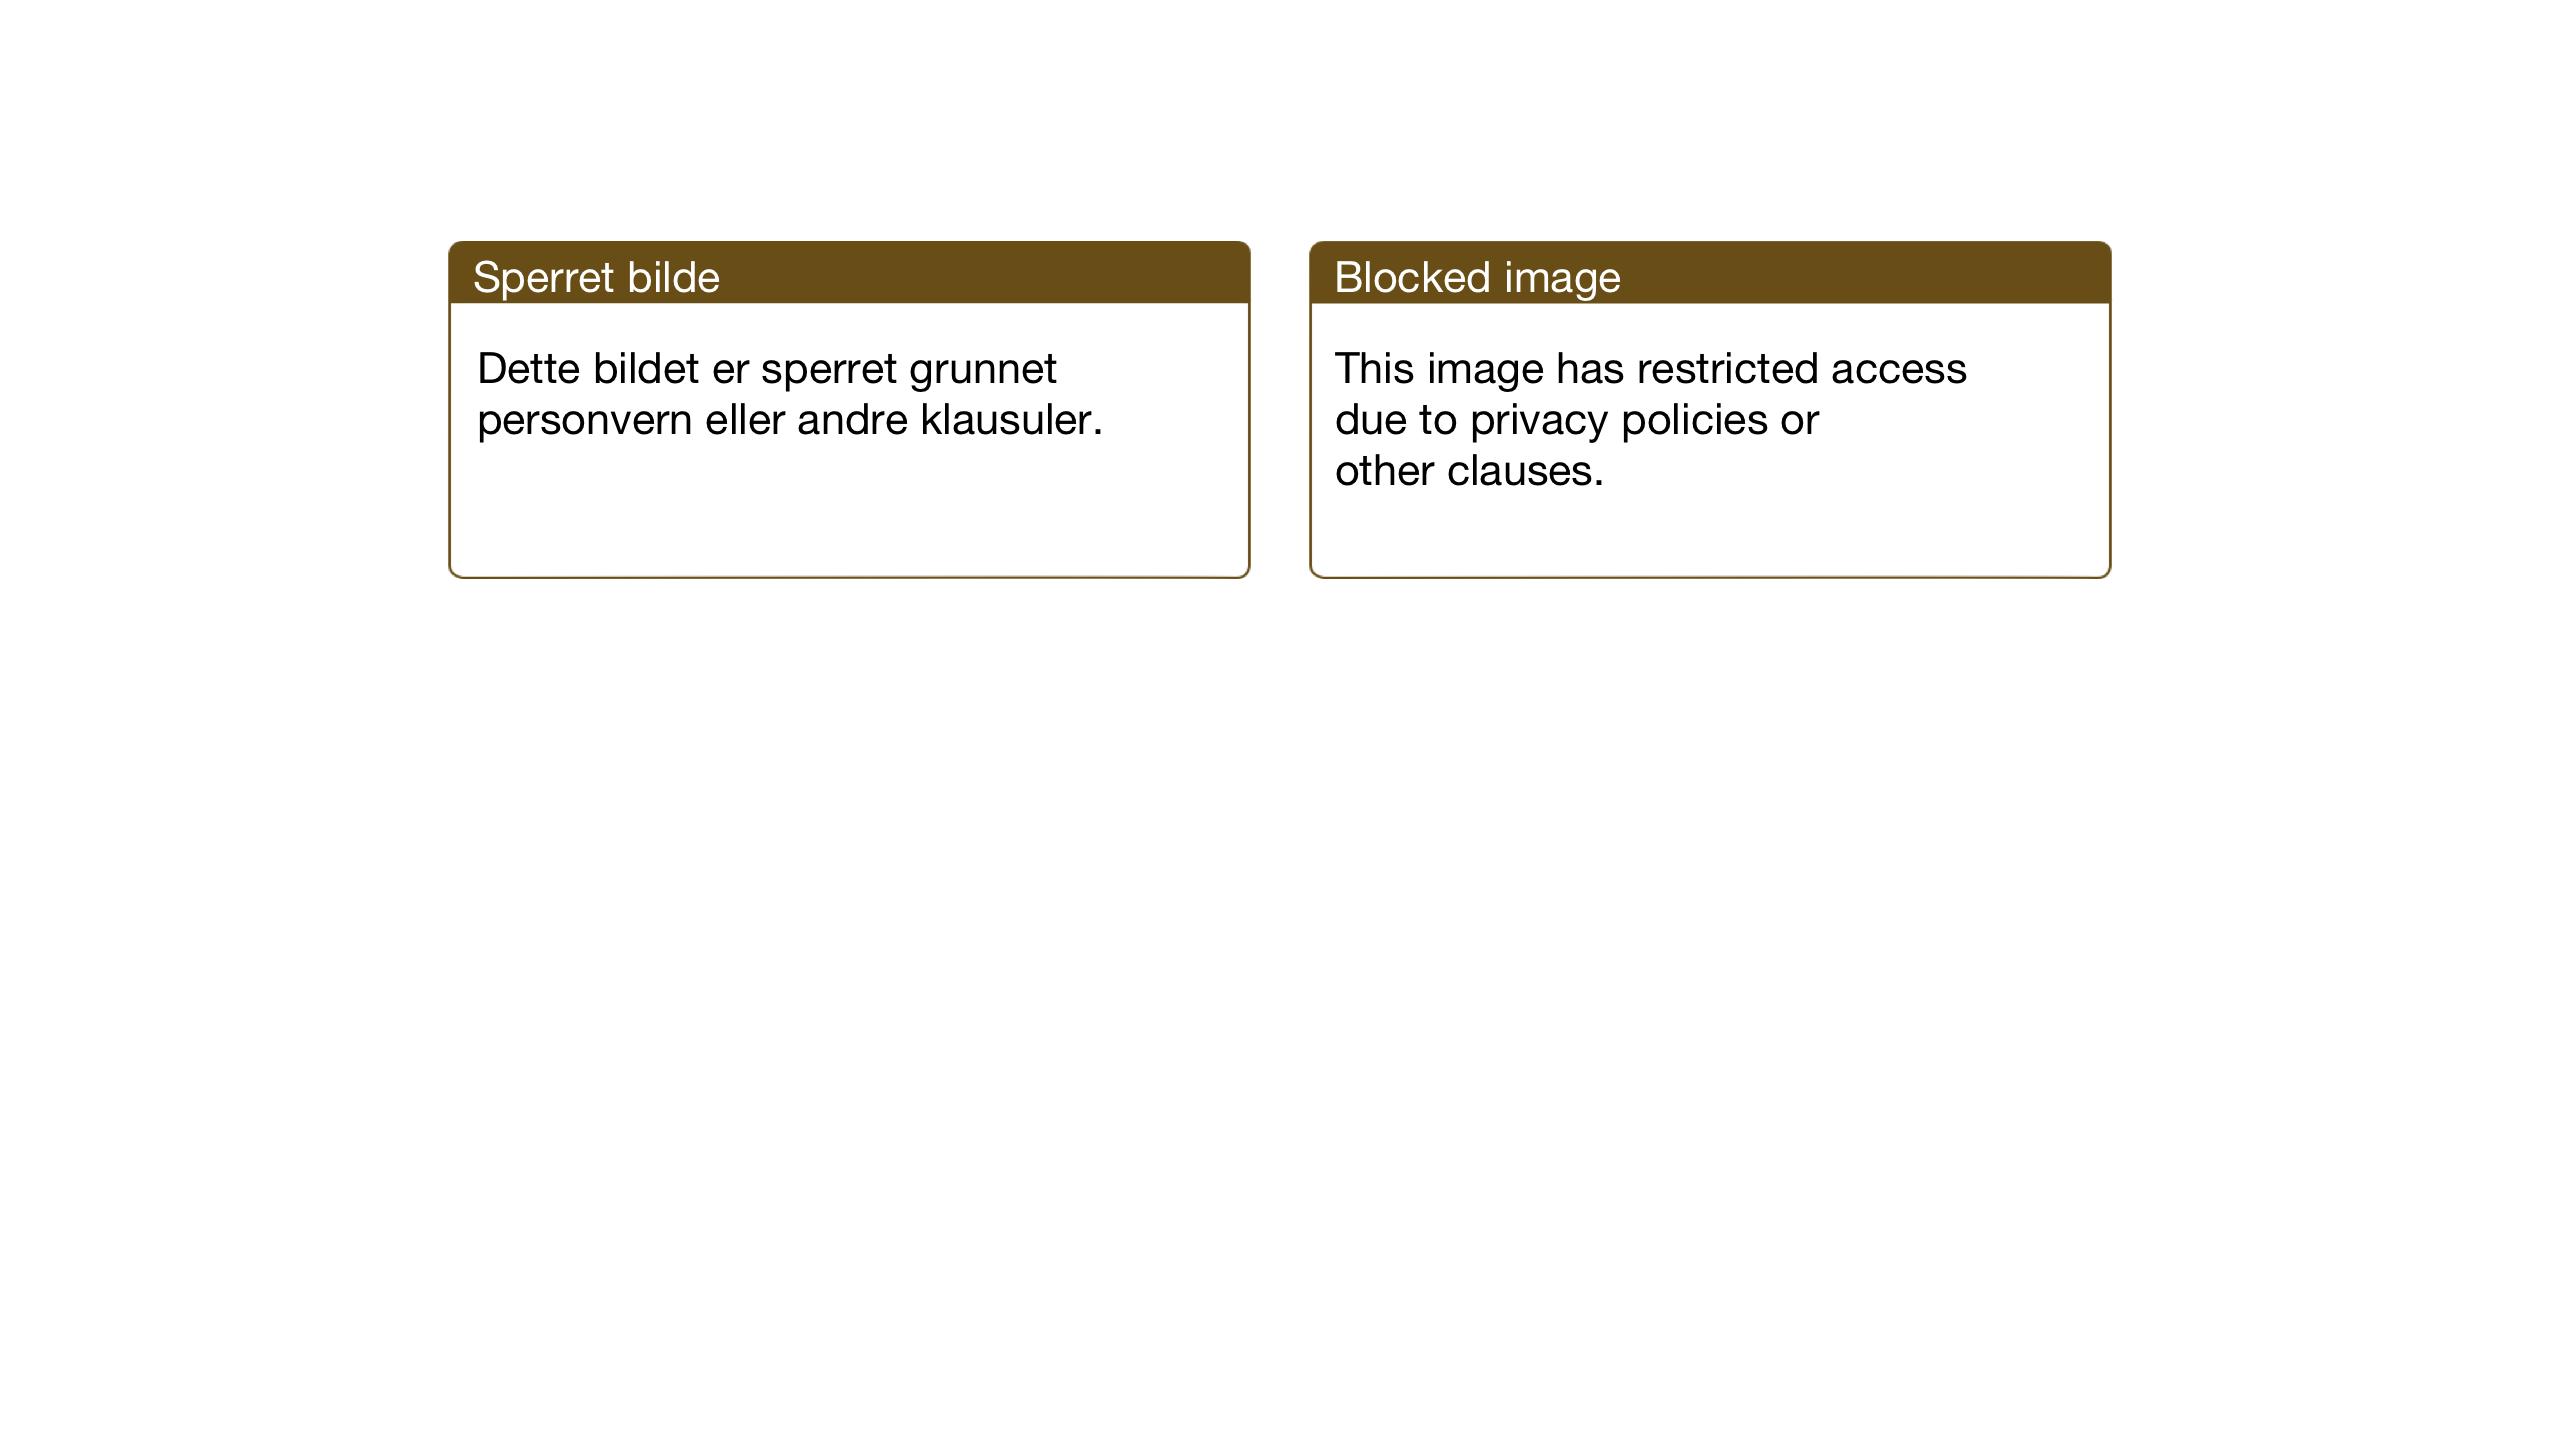 SAT, Ministerialprotokoller, klokkerbøker og fødselsregistre - Nord-Trøndelag, 714/L0136: Klokkerbok nr. 714C05, 1918-1957, s. 217